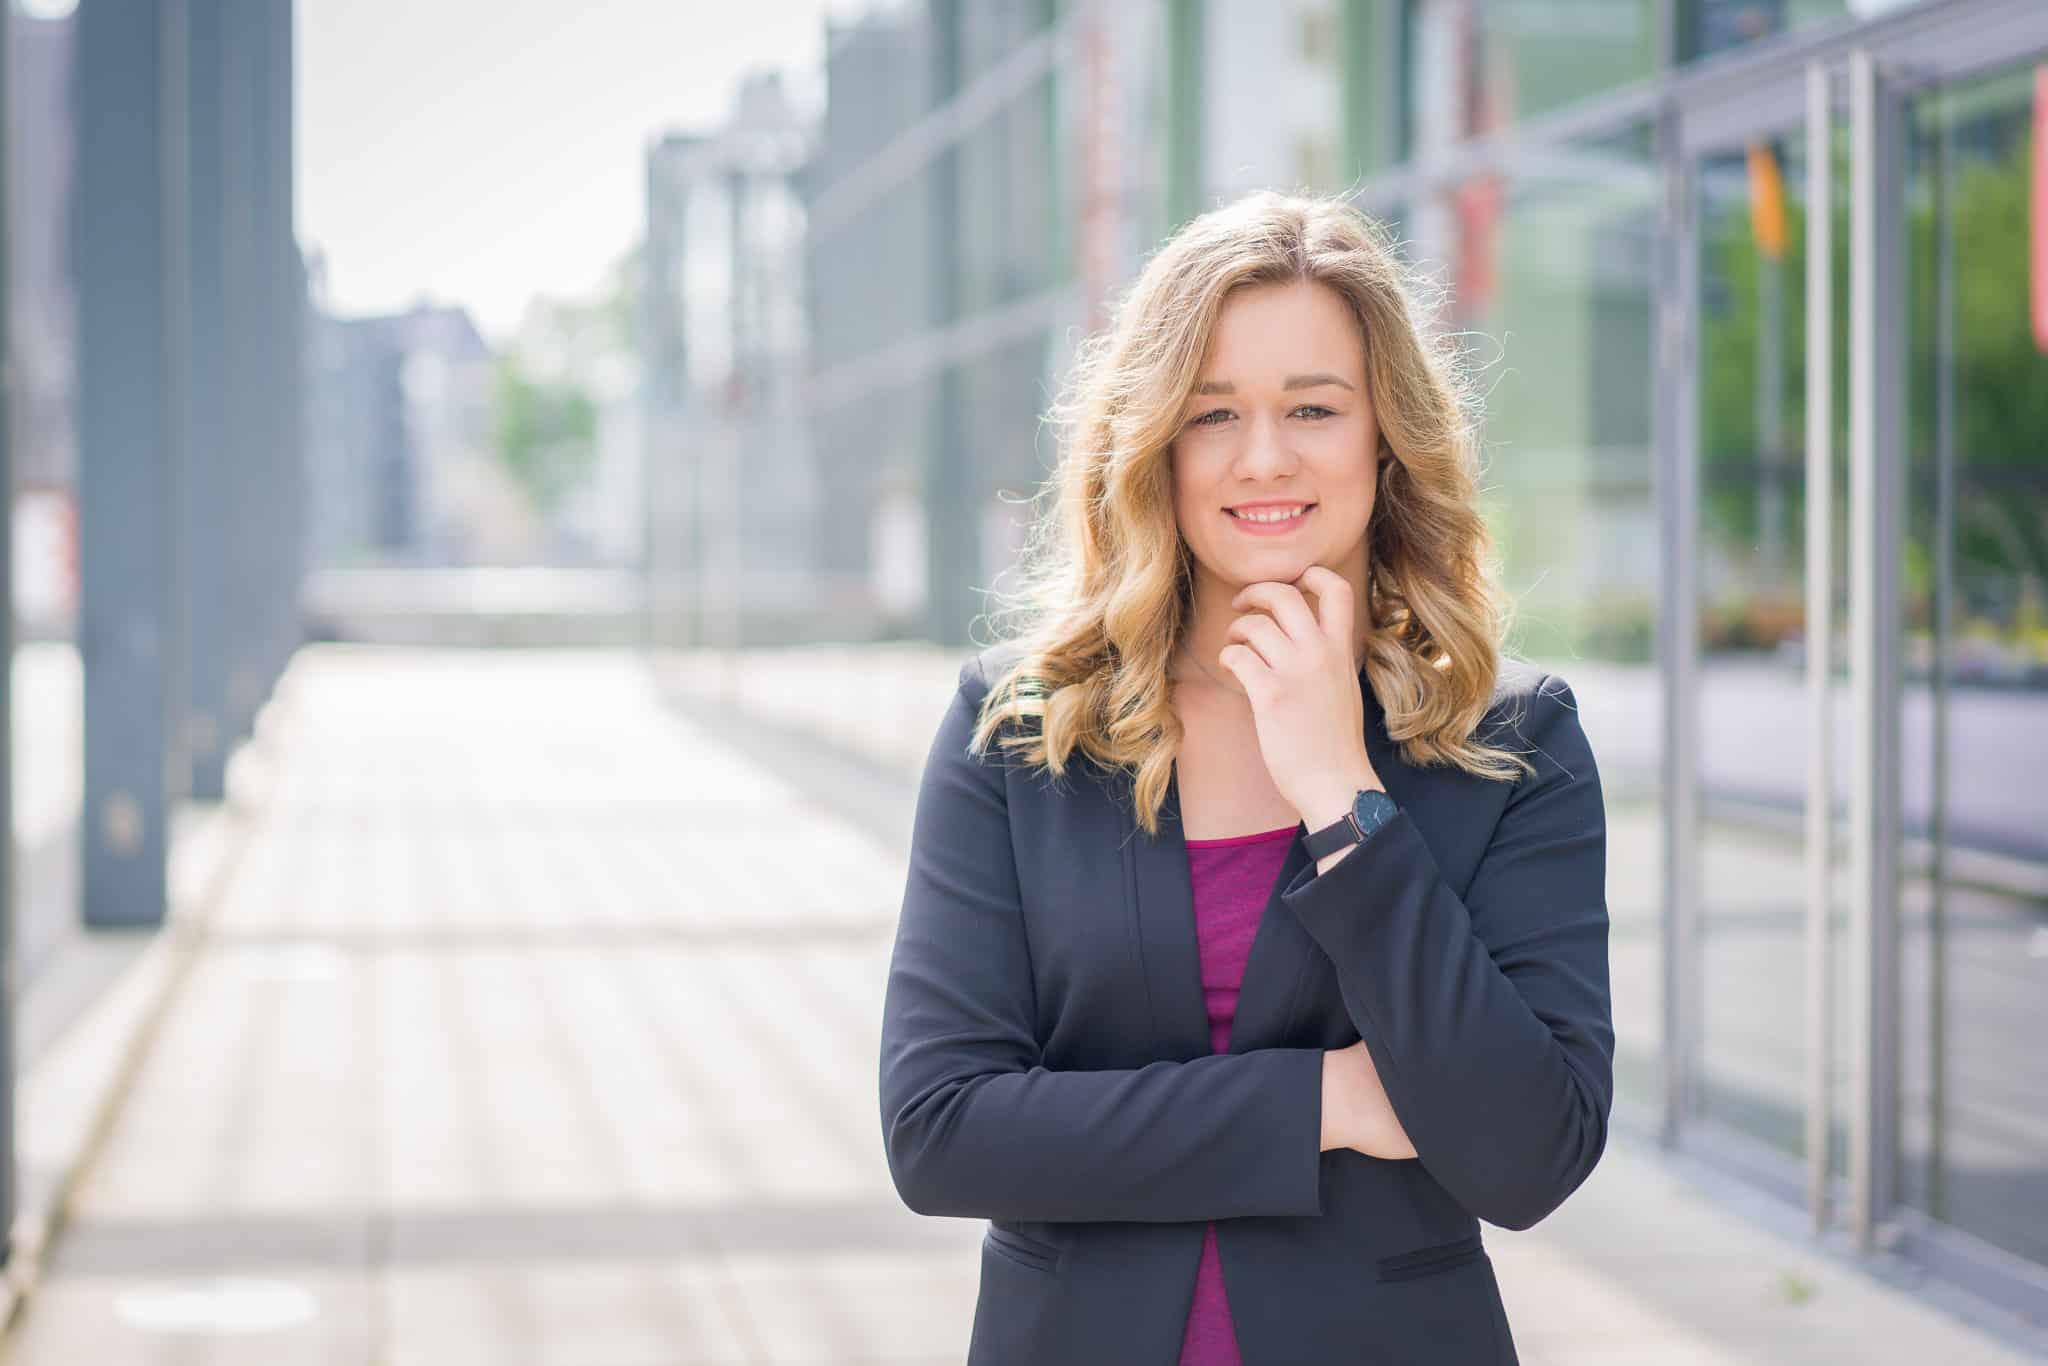 Businessfoto Bewerbung Frau